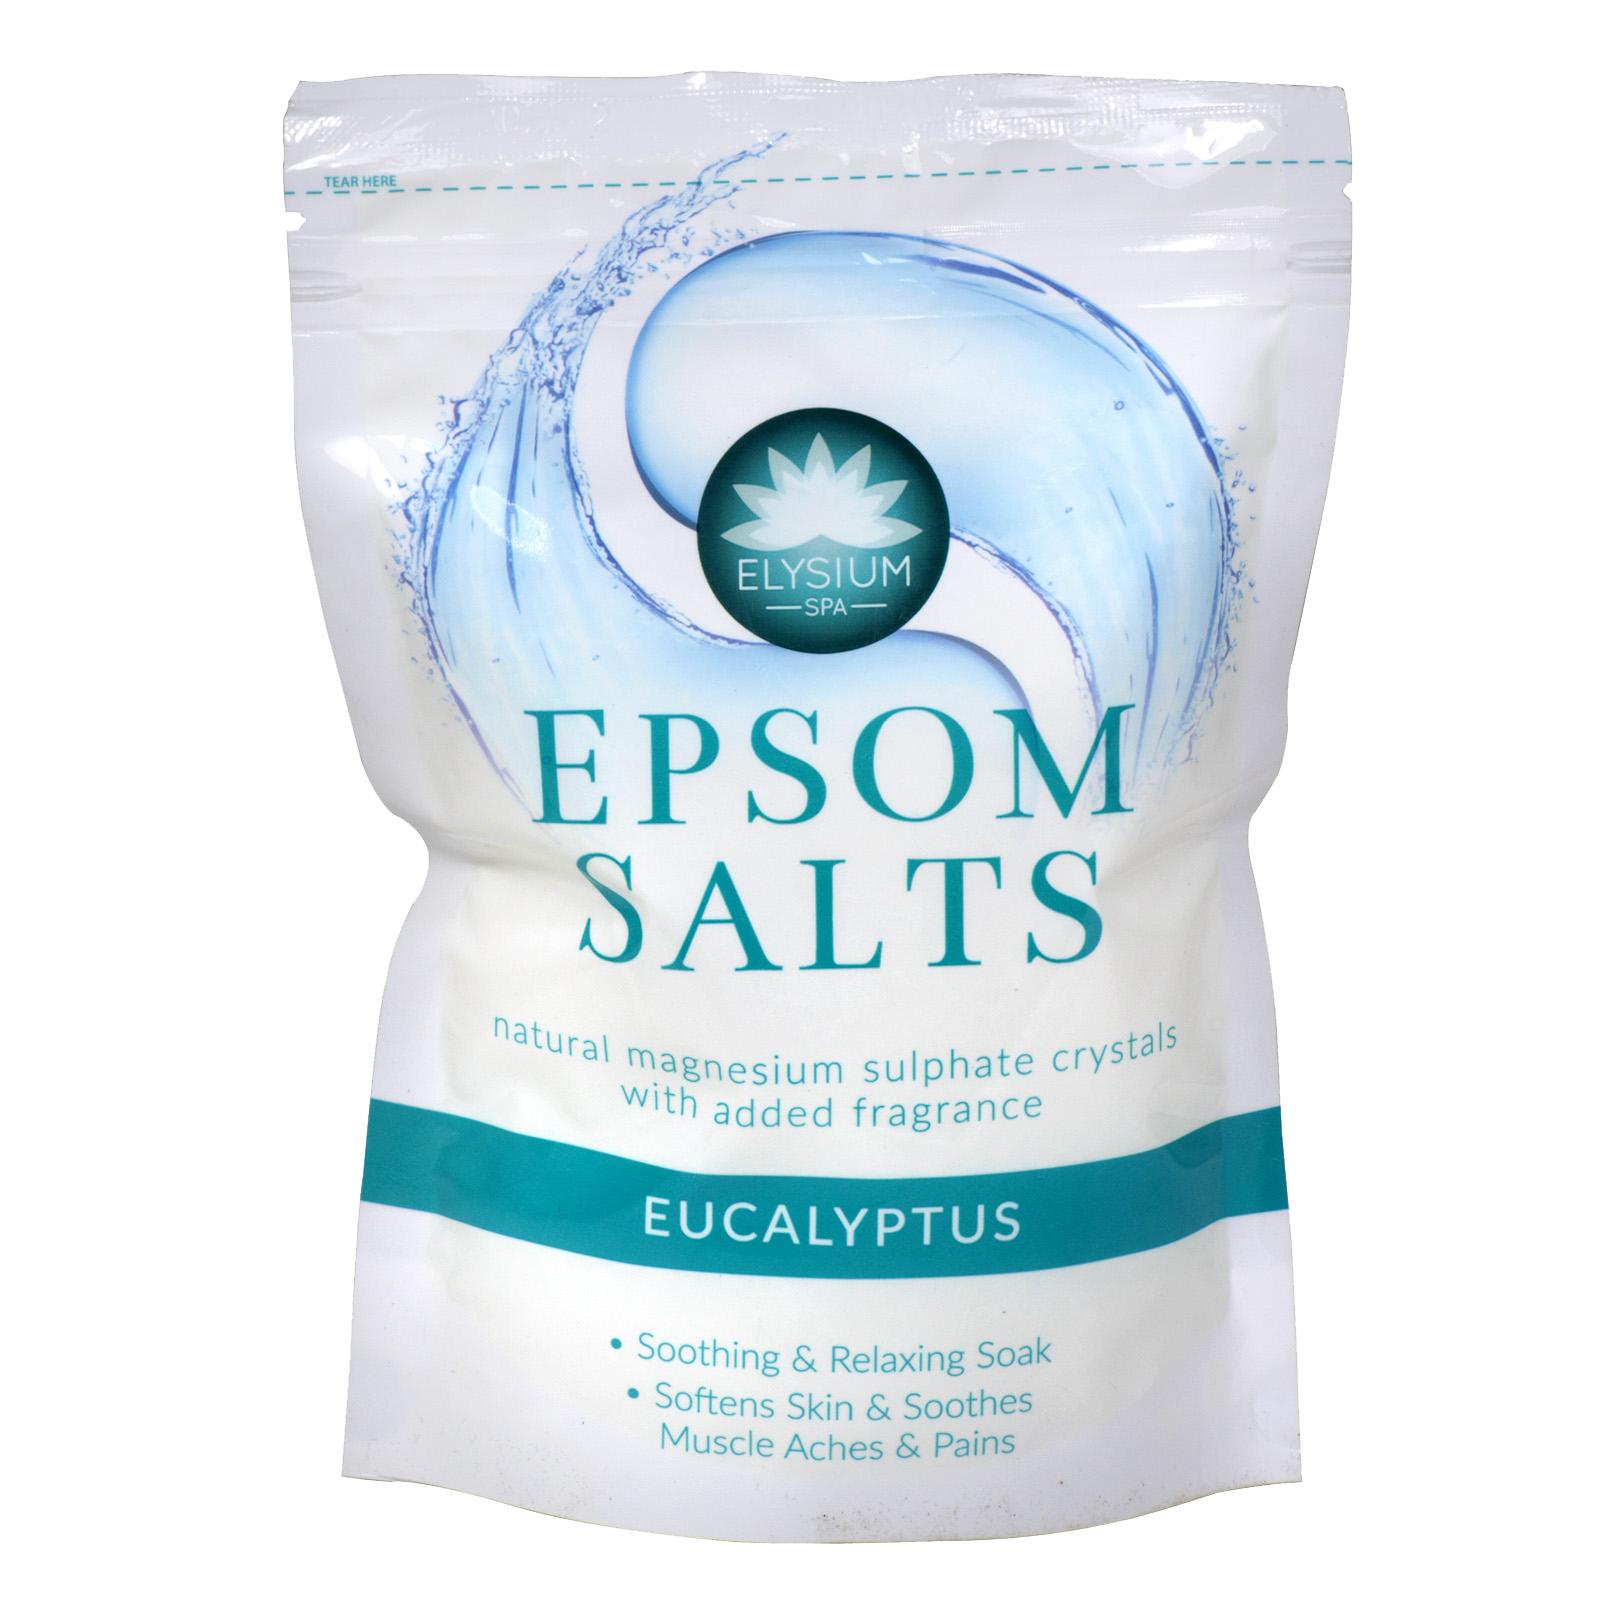 ELYSIUM EPSOM SALTS 450G EUCALYPTUS X12